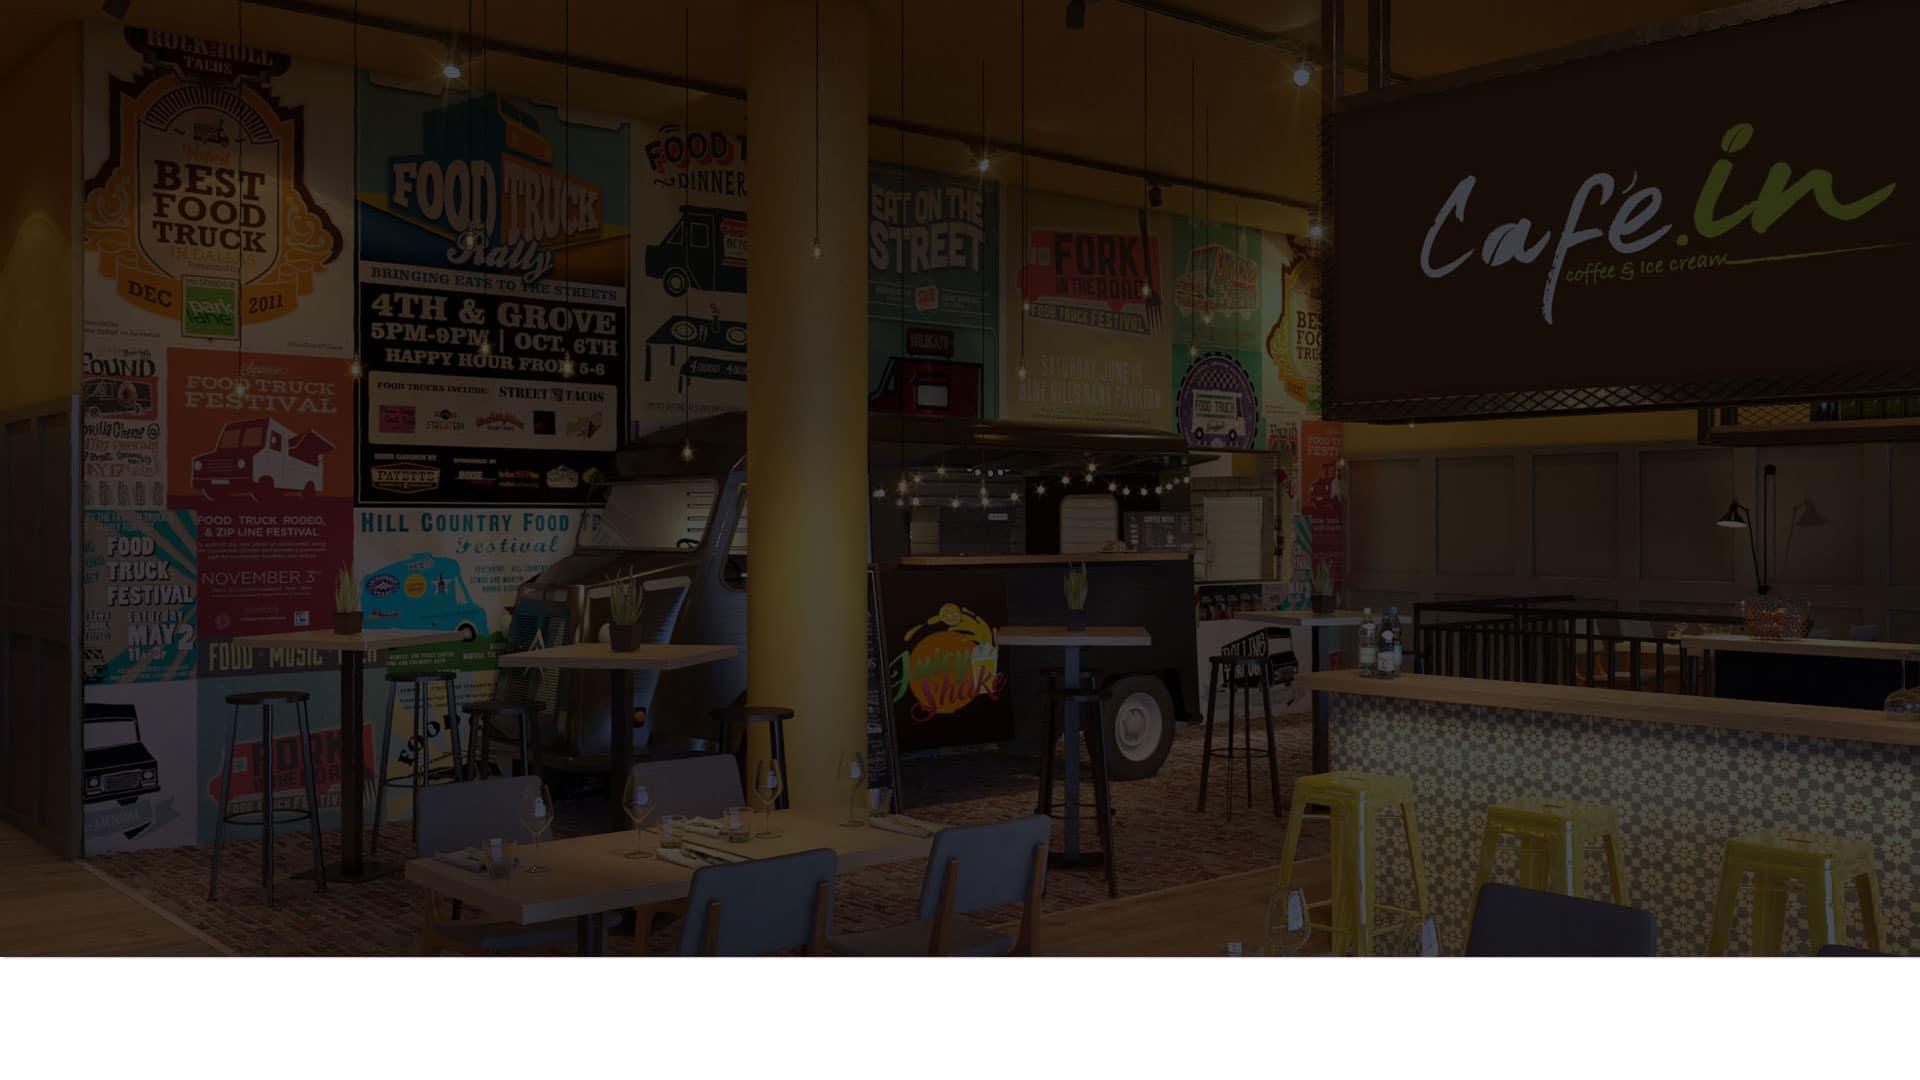 starters-united-concept-franchisable-service-cafe-in-devenir-franchiseur-bg